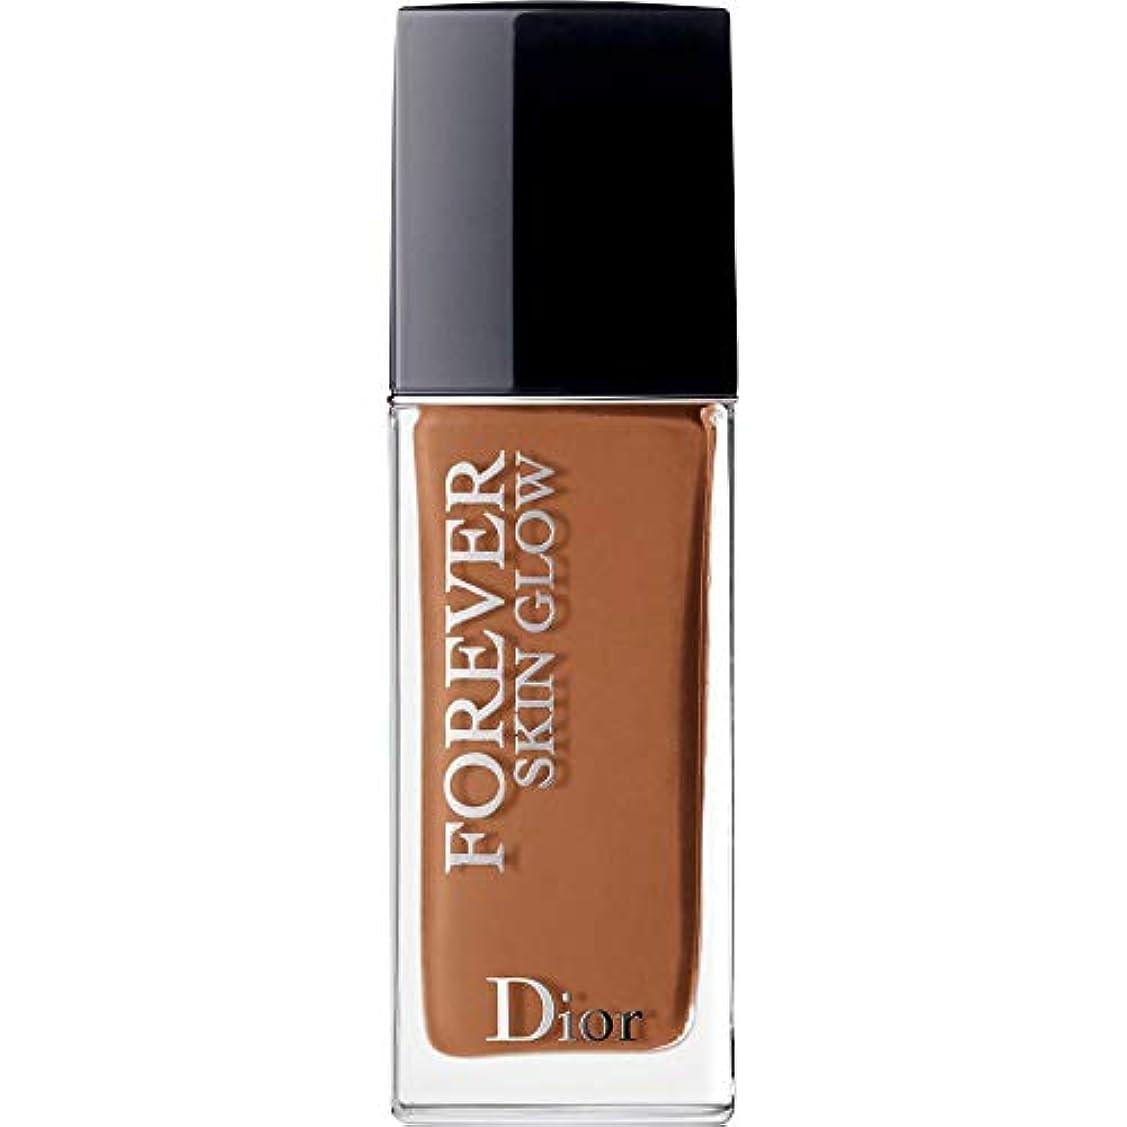 海洋のグリース哀[Dior ] ディオール永遠に皮膚グロー皮膚思いやりの基礎Spf35 30ミリリットルの6N - ニュートラル(肌の輝き) - DIOR Forever Skin Glow Skin-Caring Foundation...